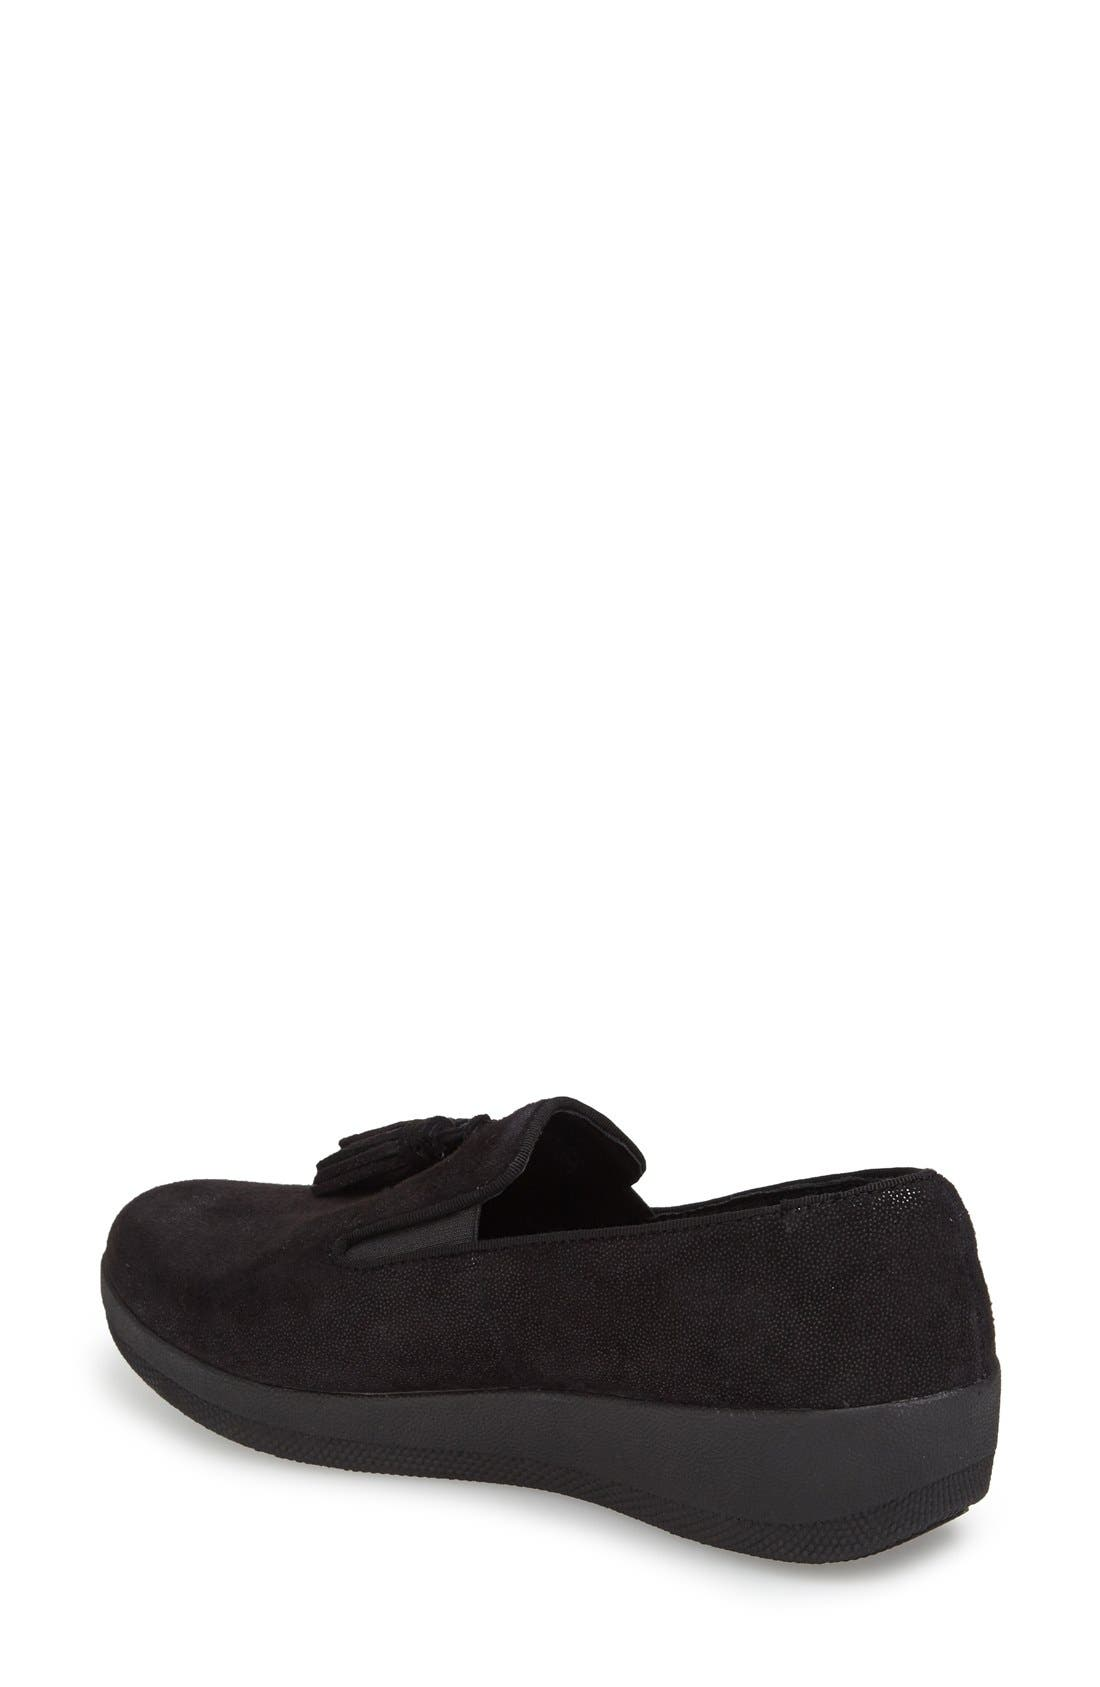 Tassle Superskate Wedge Sneaker,                             Alternate thumbnail 5, color,